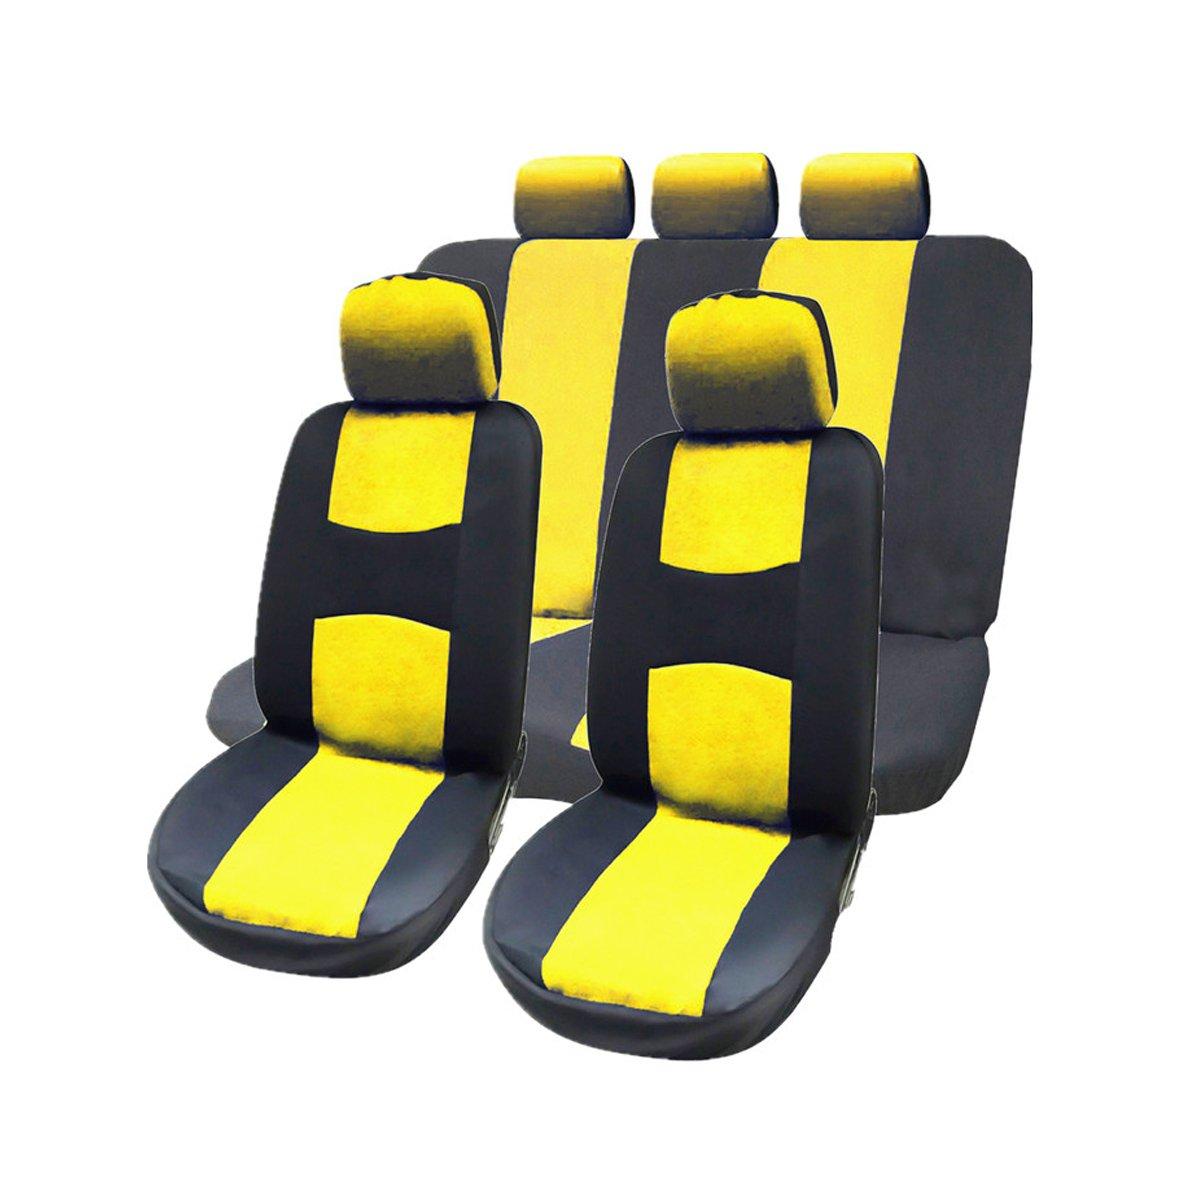 WINOMO 9 piezas de conjunto completo fundas de asiento de coche con reposacabezas desmontables Fundas de banco dividido interior ajuste universal amarillo